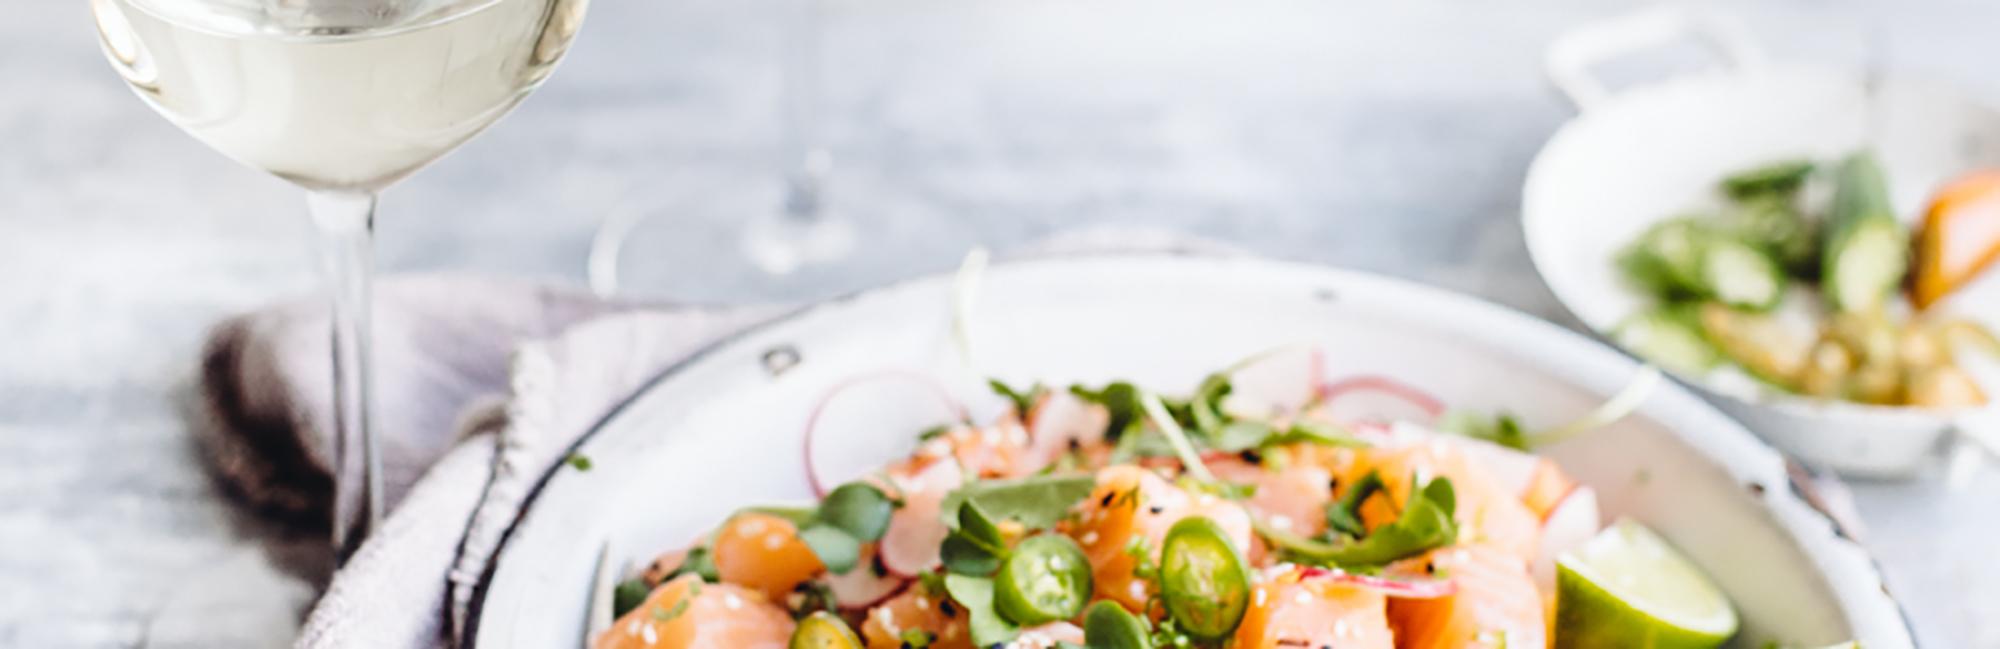 4 salades d'été légères accompagnées de vin